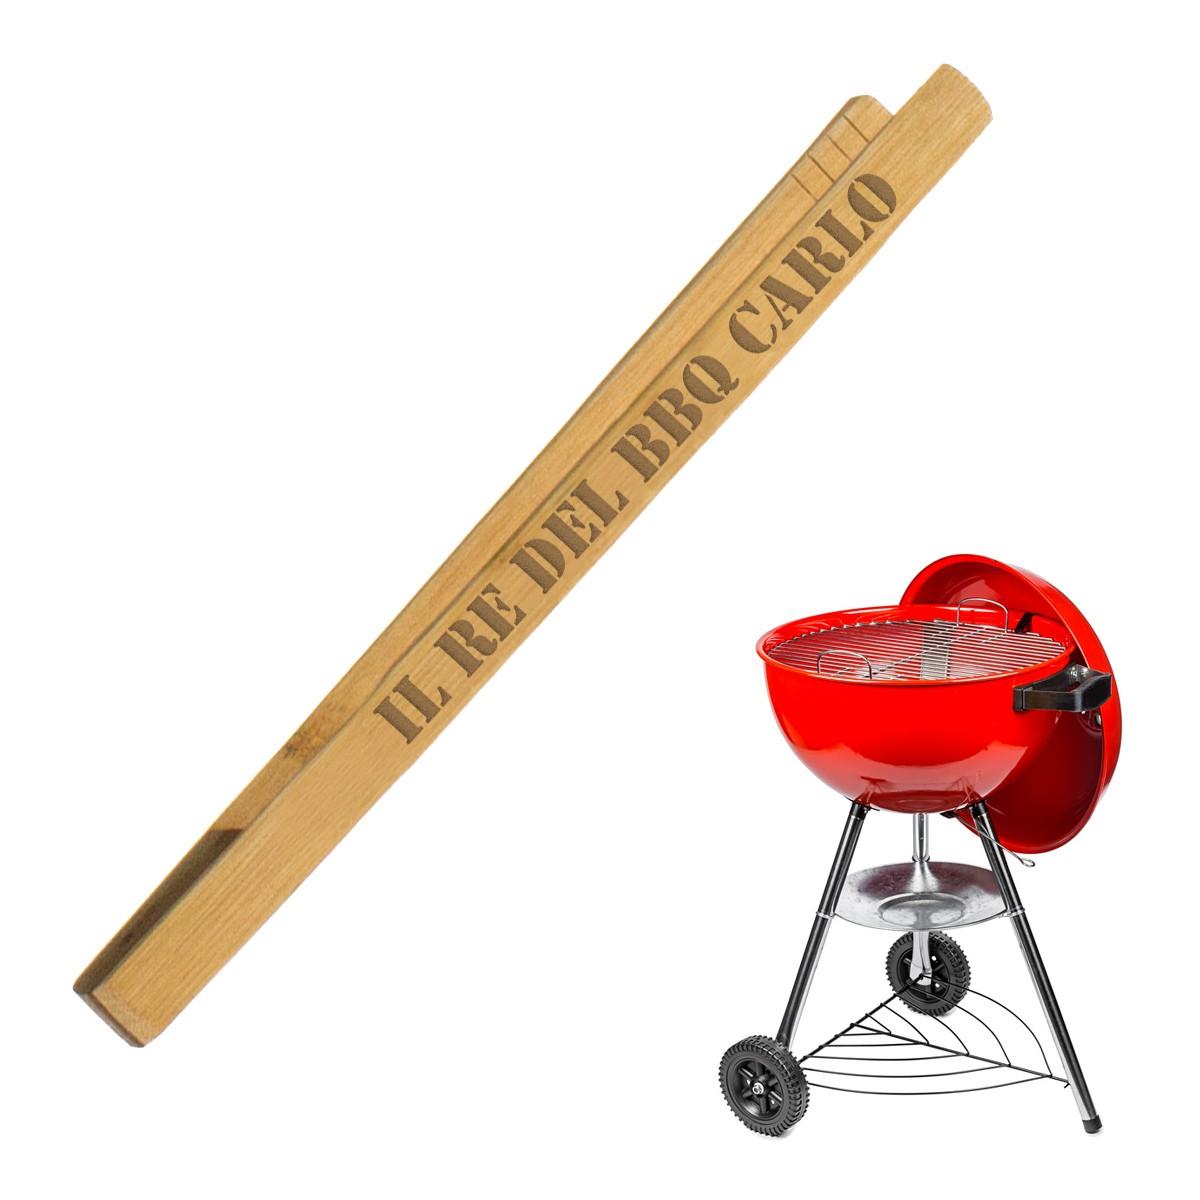 pinze barbecue personalizzate con nome, regali per gli amanti del barbecue, idee regalo per chi ama mangiare carne alla brace